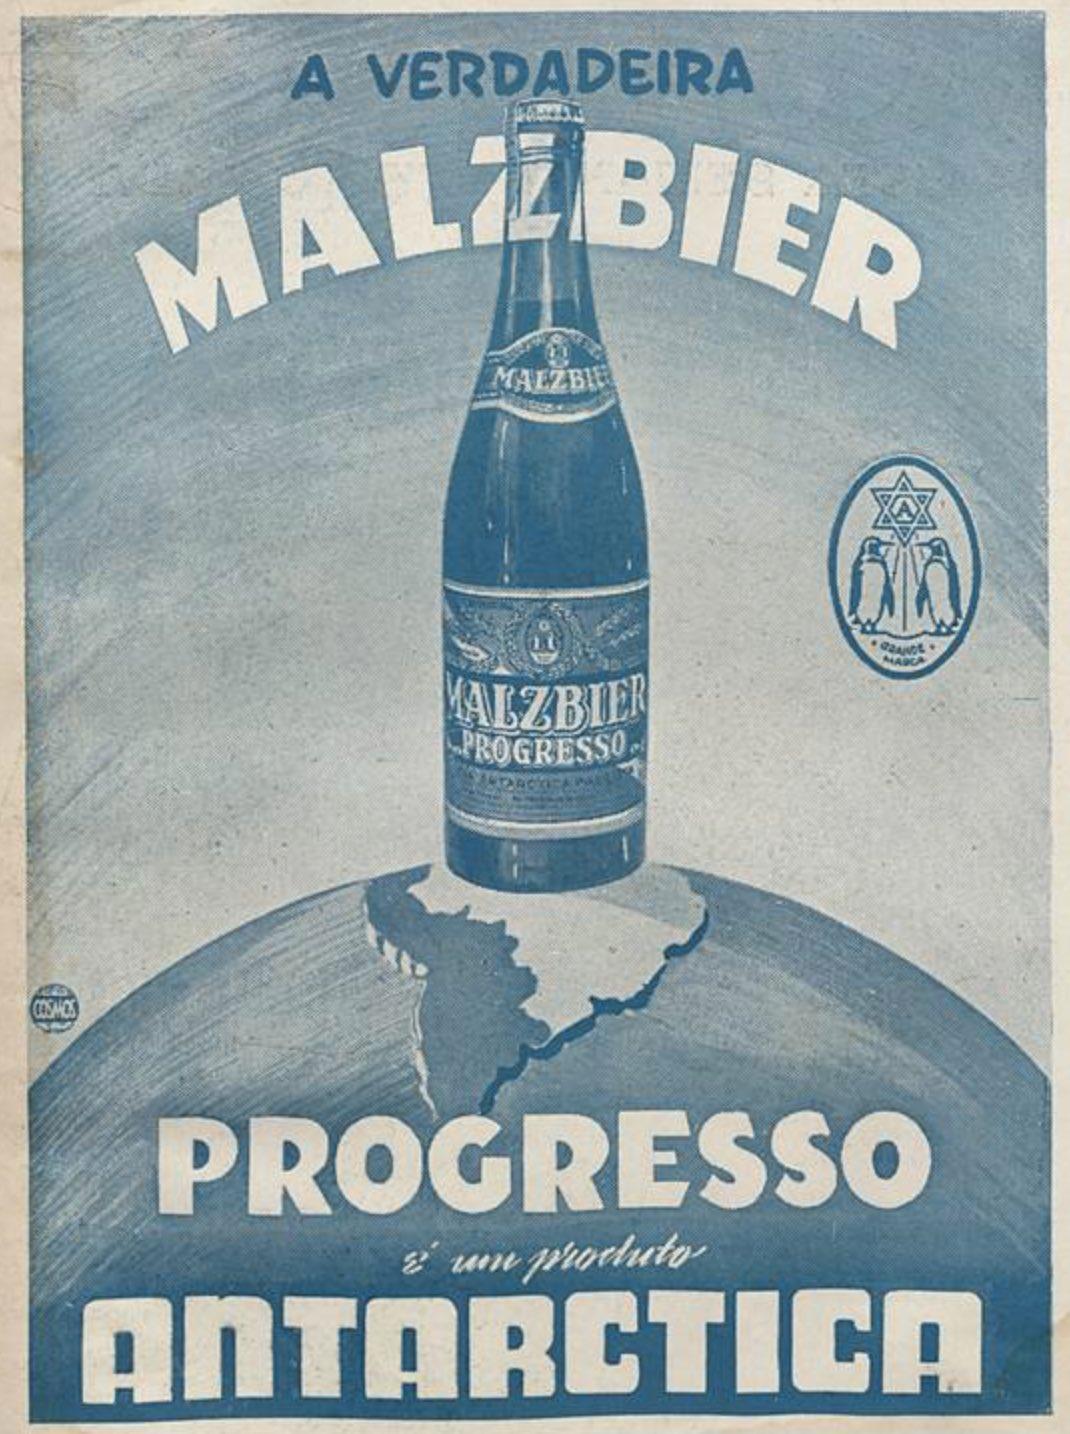 Anúncio antigo veiculado em 1942 pela Antarctica para promover a Malzbier